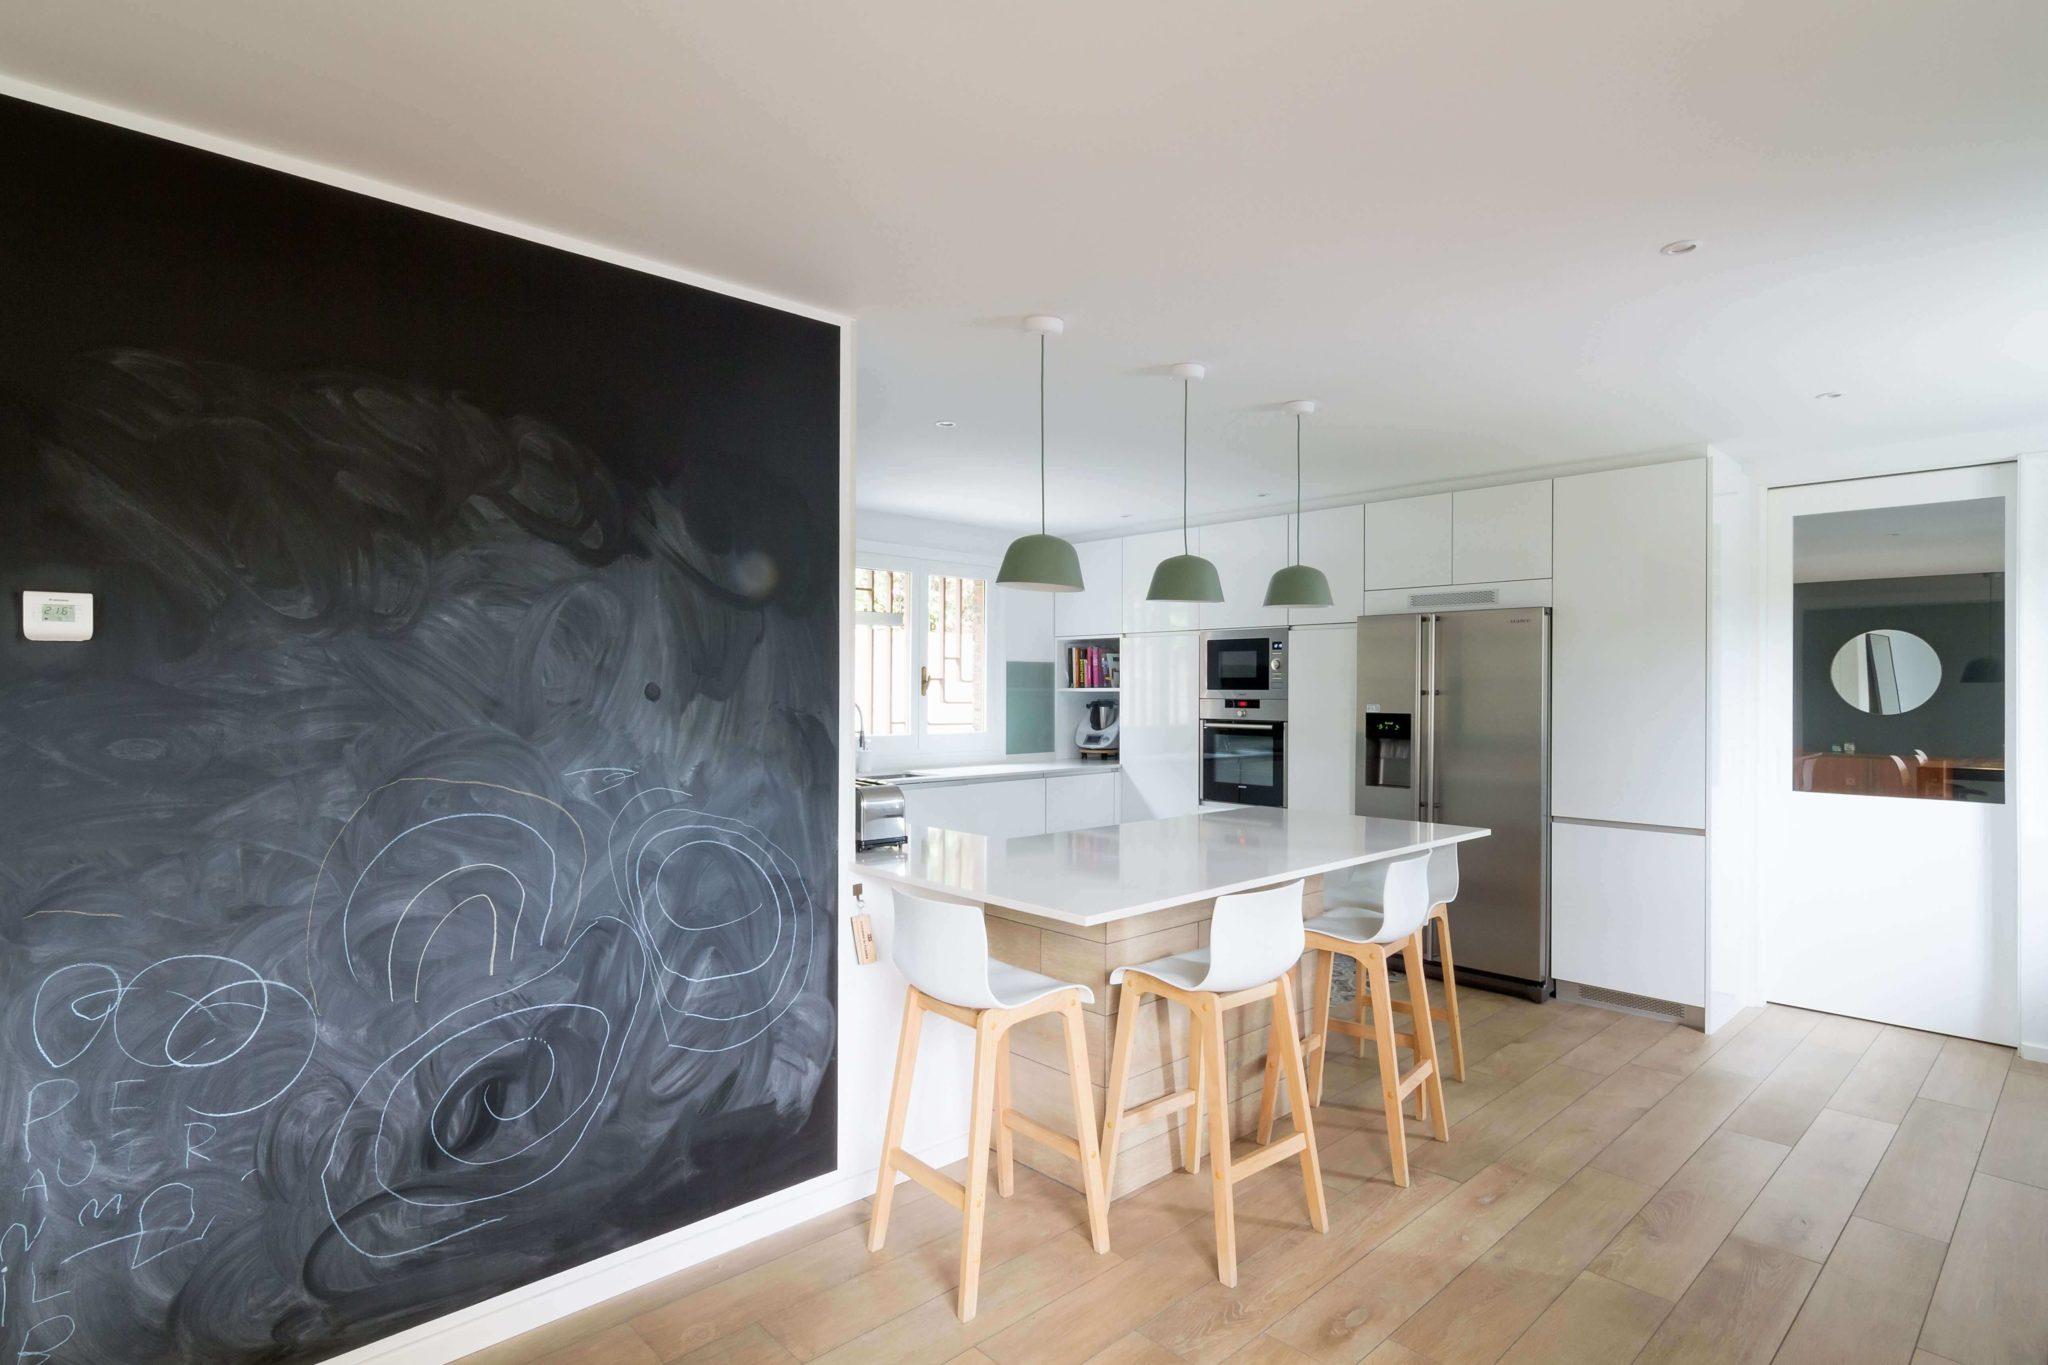 Cocina con península verde menta y blanca con pared de pizarra